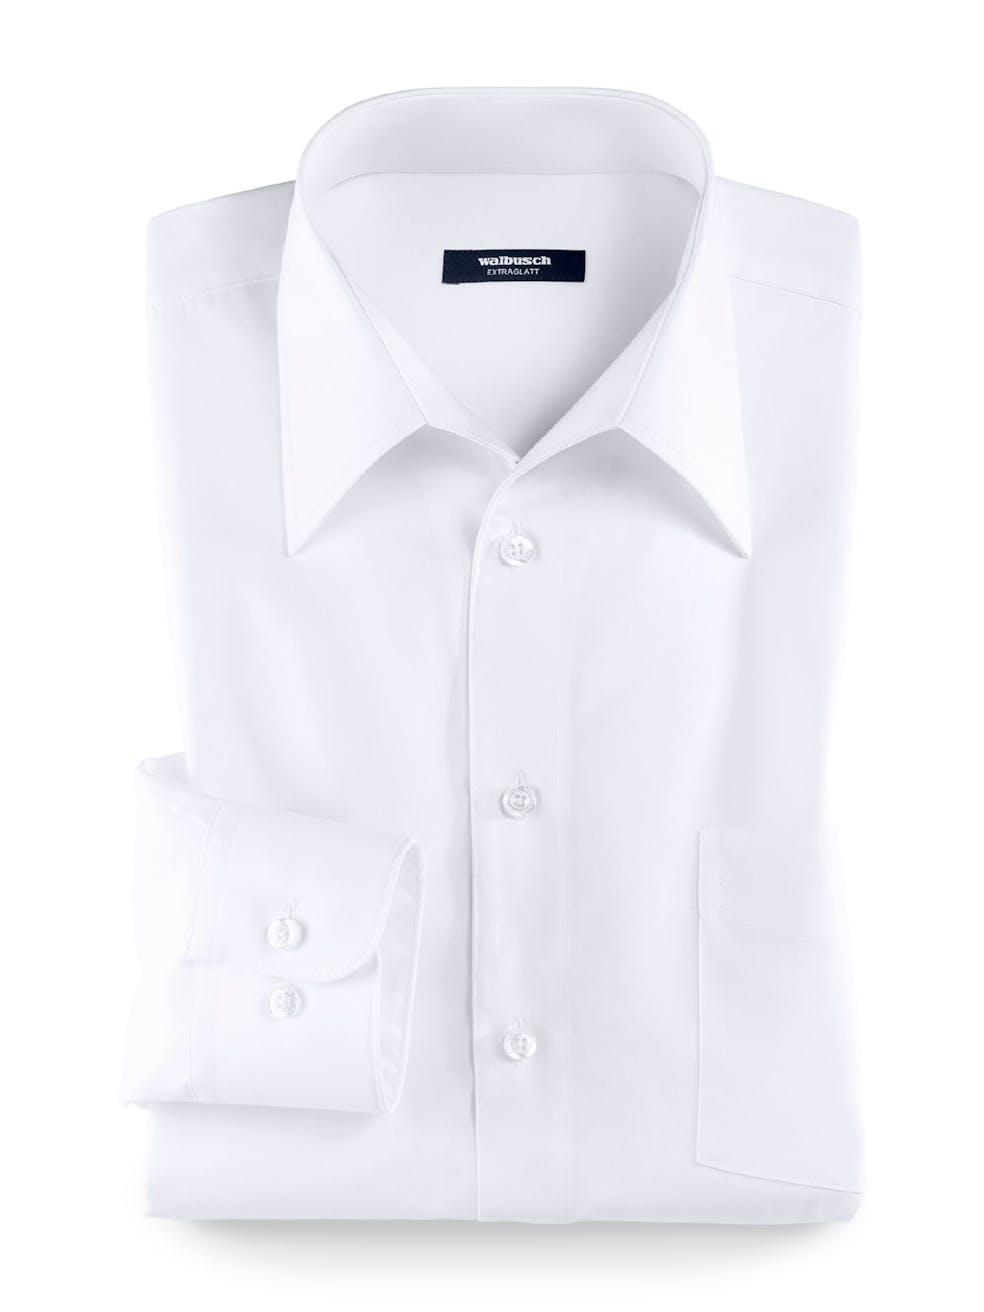 Extraglatt Hemd Walbusch Kragen | Weiß | Walbusch